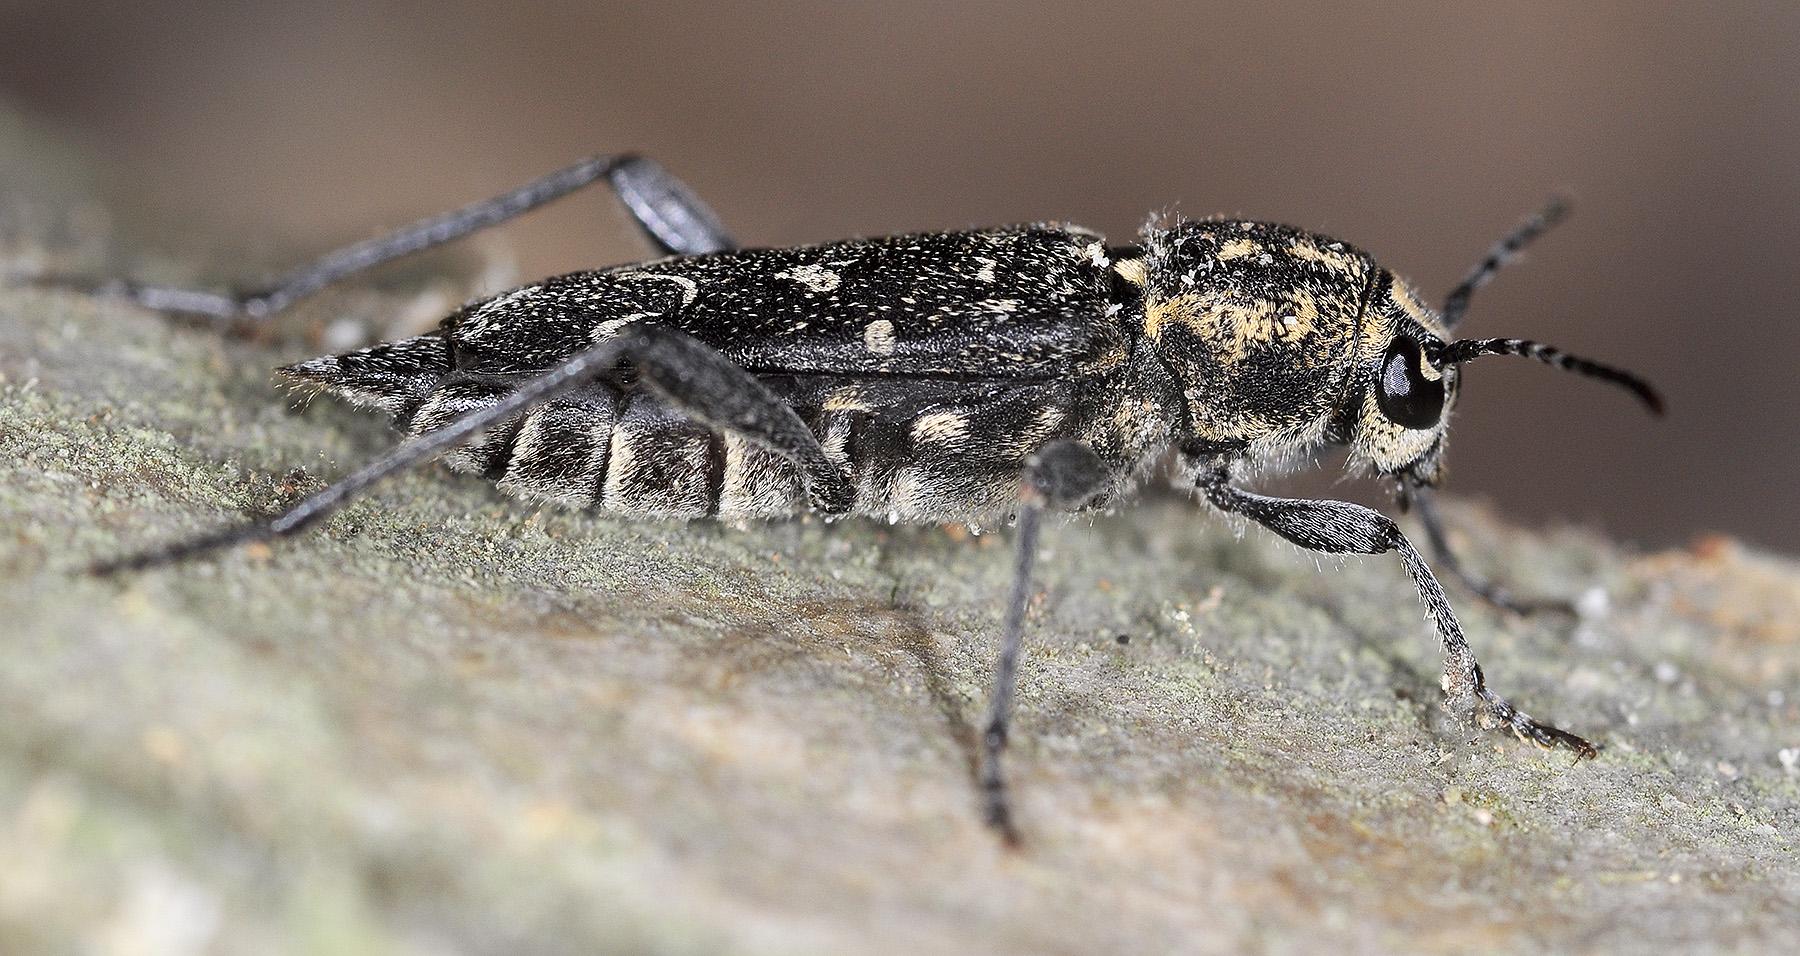 Xylotrechus rusticus